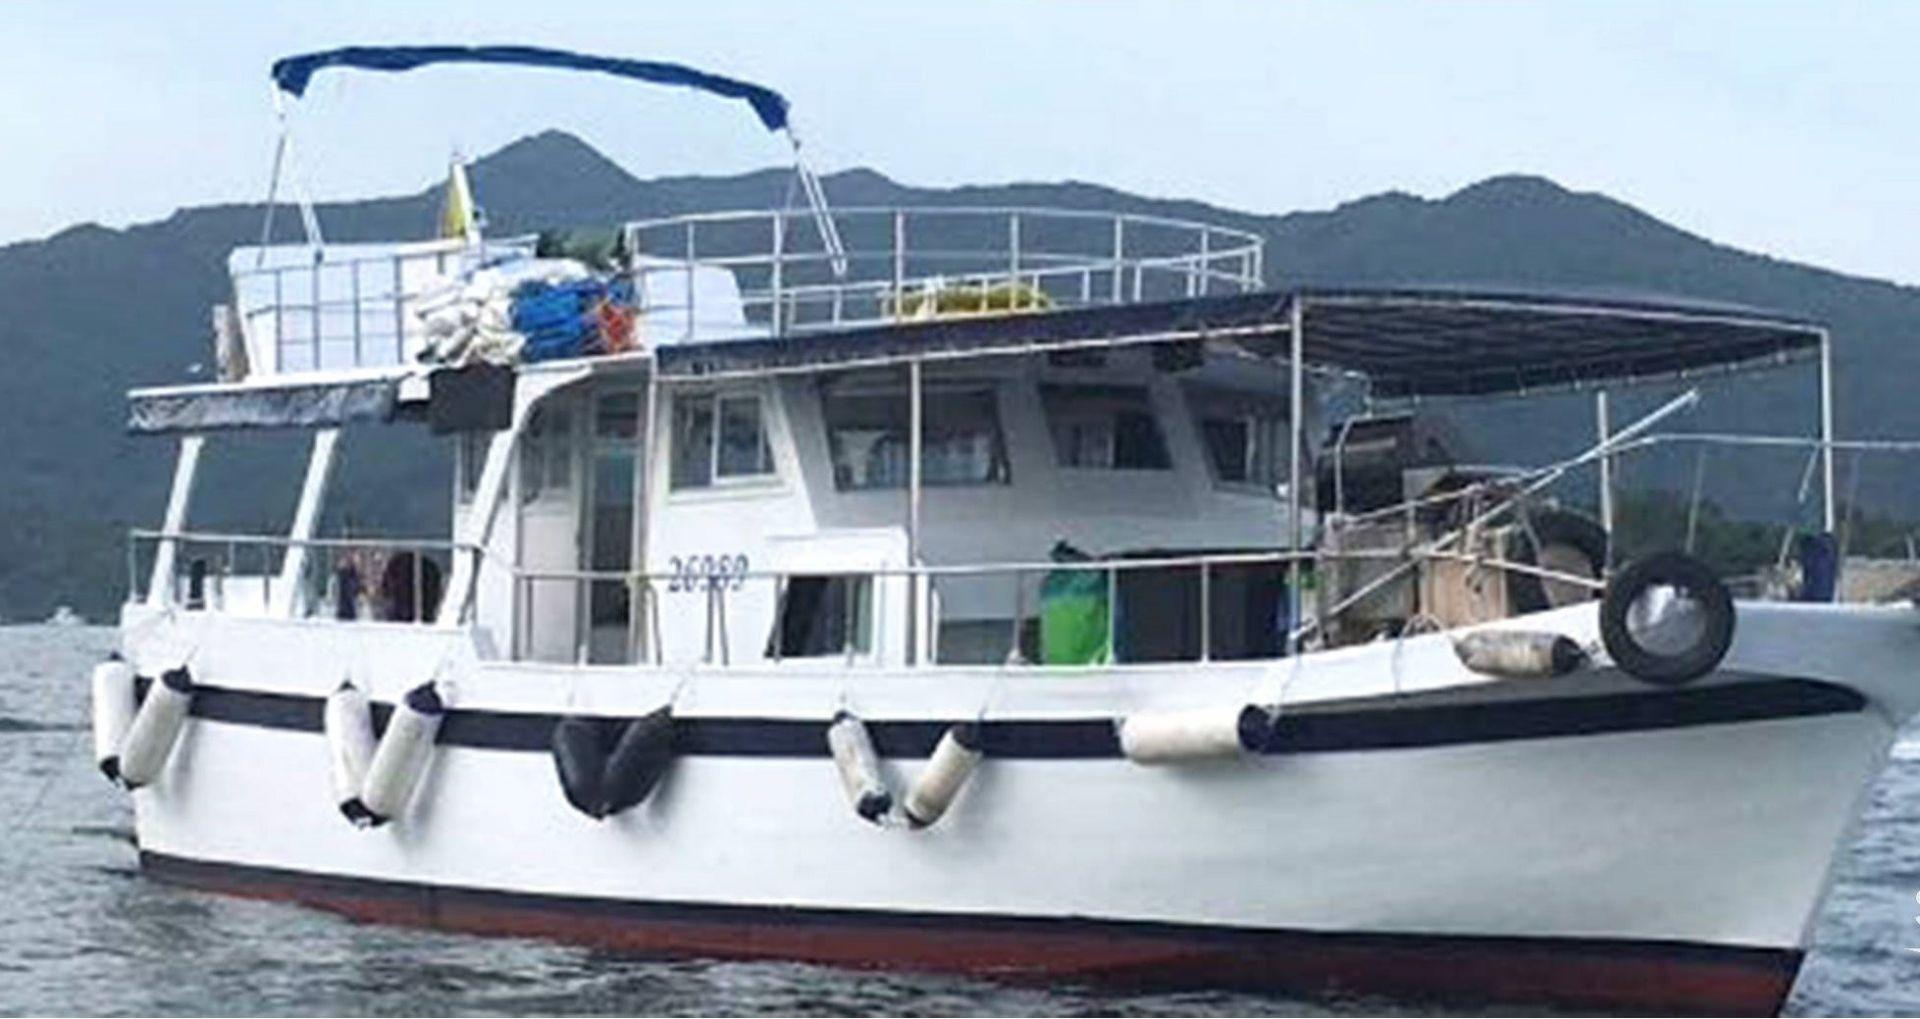 Hong Kong Yacht Charter - HKY18